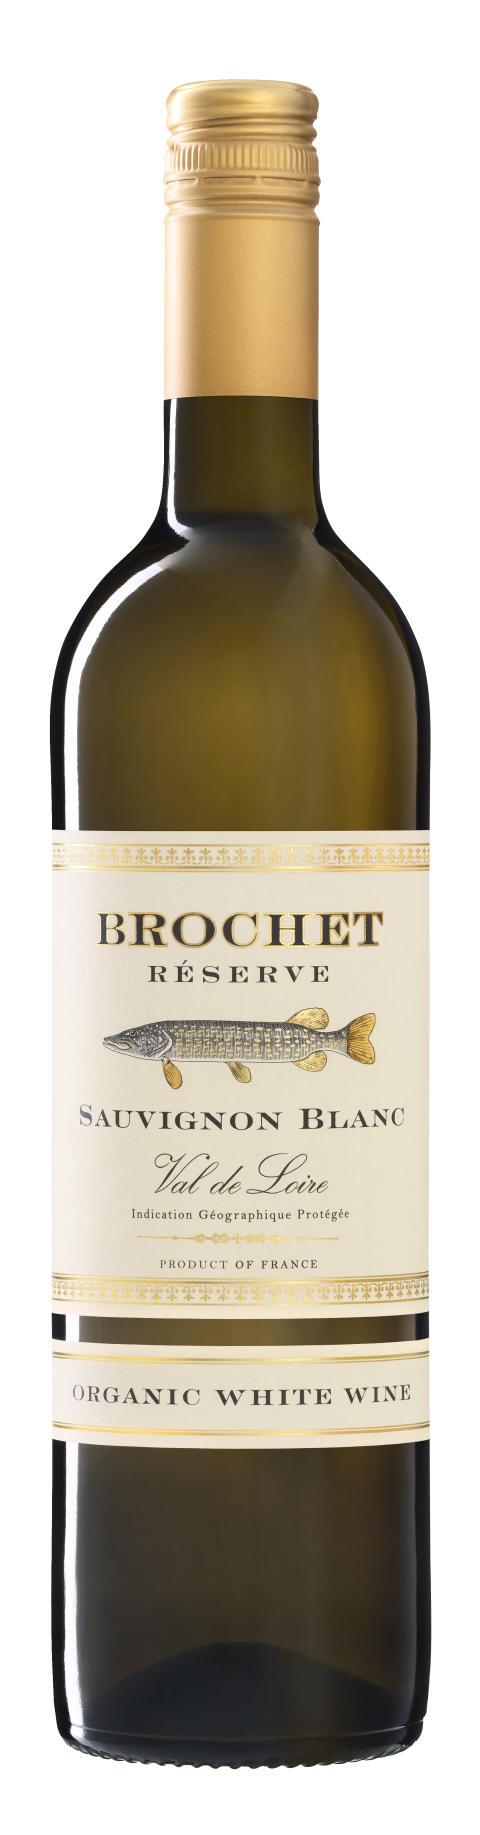 """Ekologiska Brochet Réserve Sauvignon Blanc - """"gäddvinet de luxe"""" i samtliga Systembolagsbutiker"""